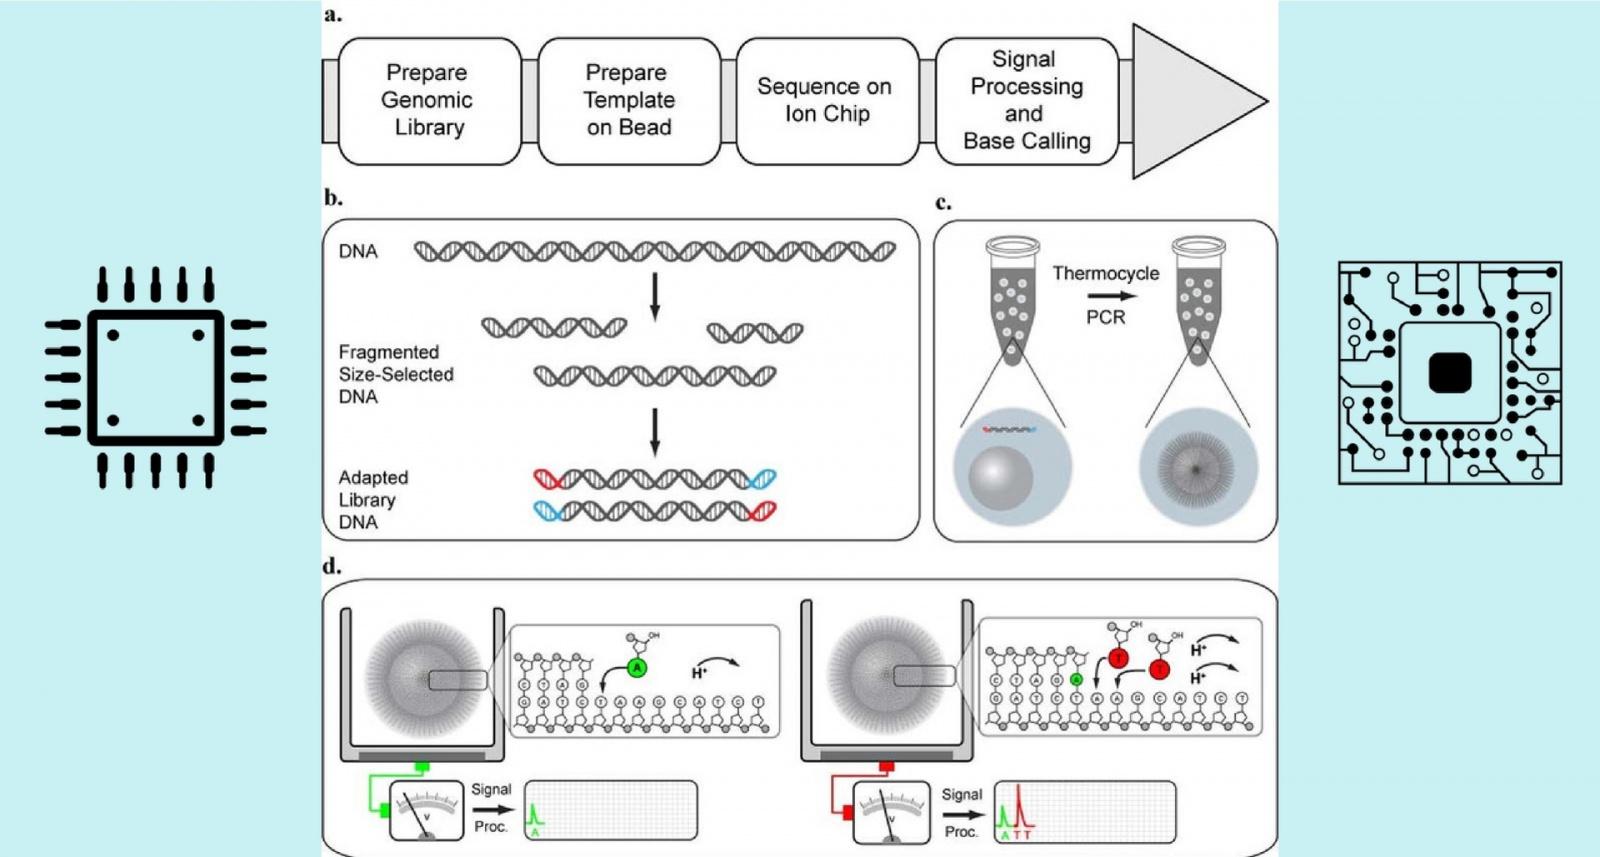 Секвенирование ДНК в домашних условиях: Как на коленке собрать прибор за 10 миллионов - 2